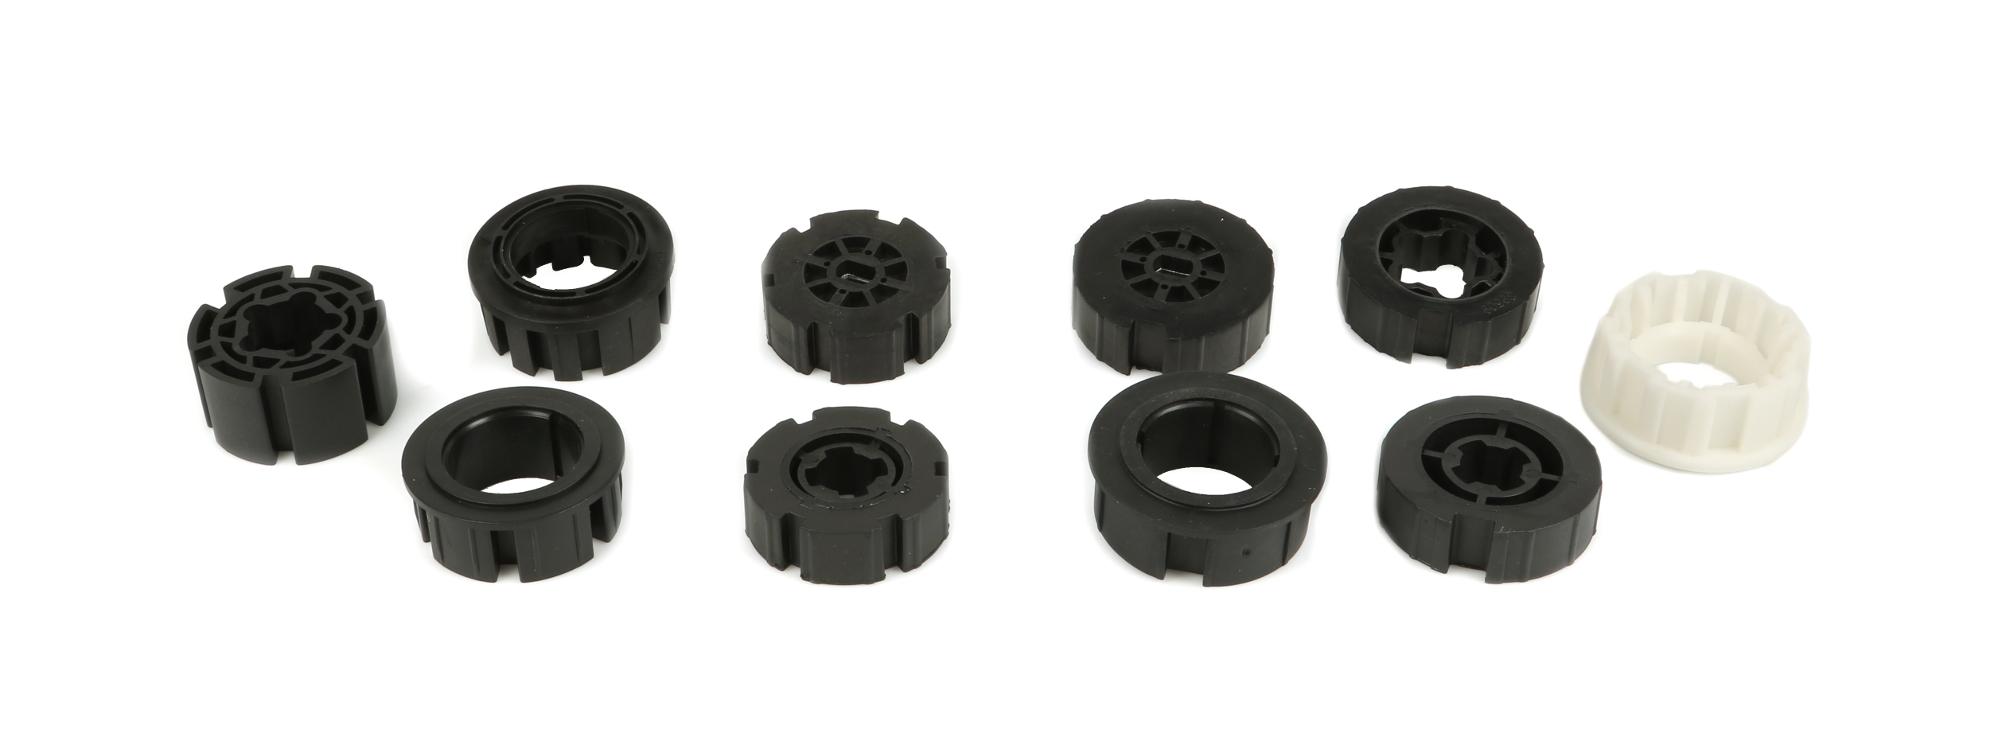 120V Motor/Drive Wheel Kit